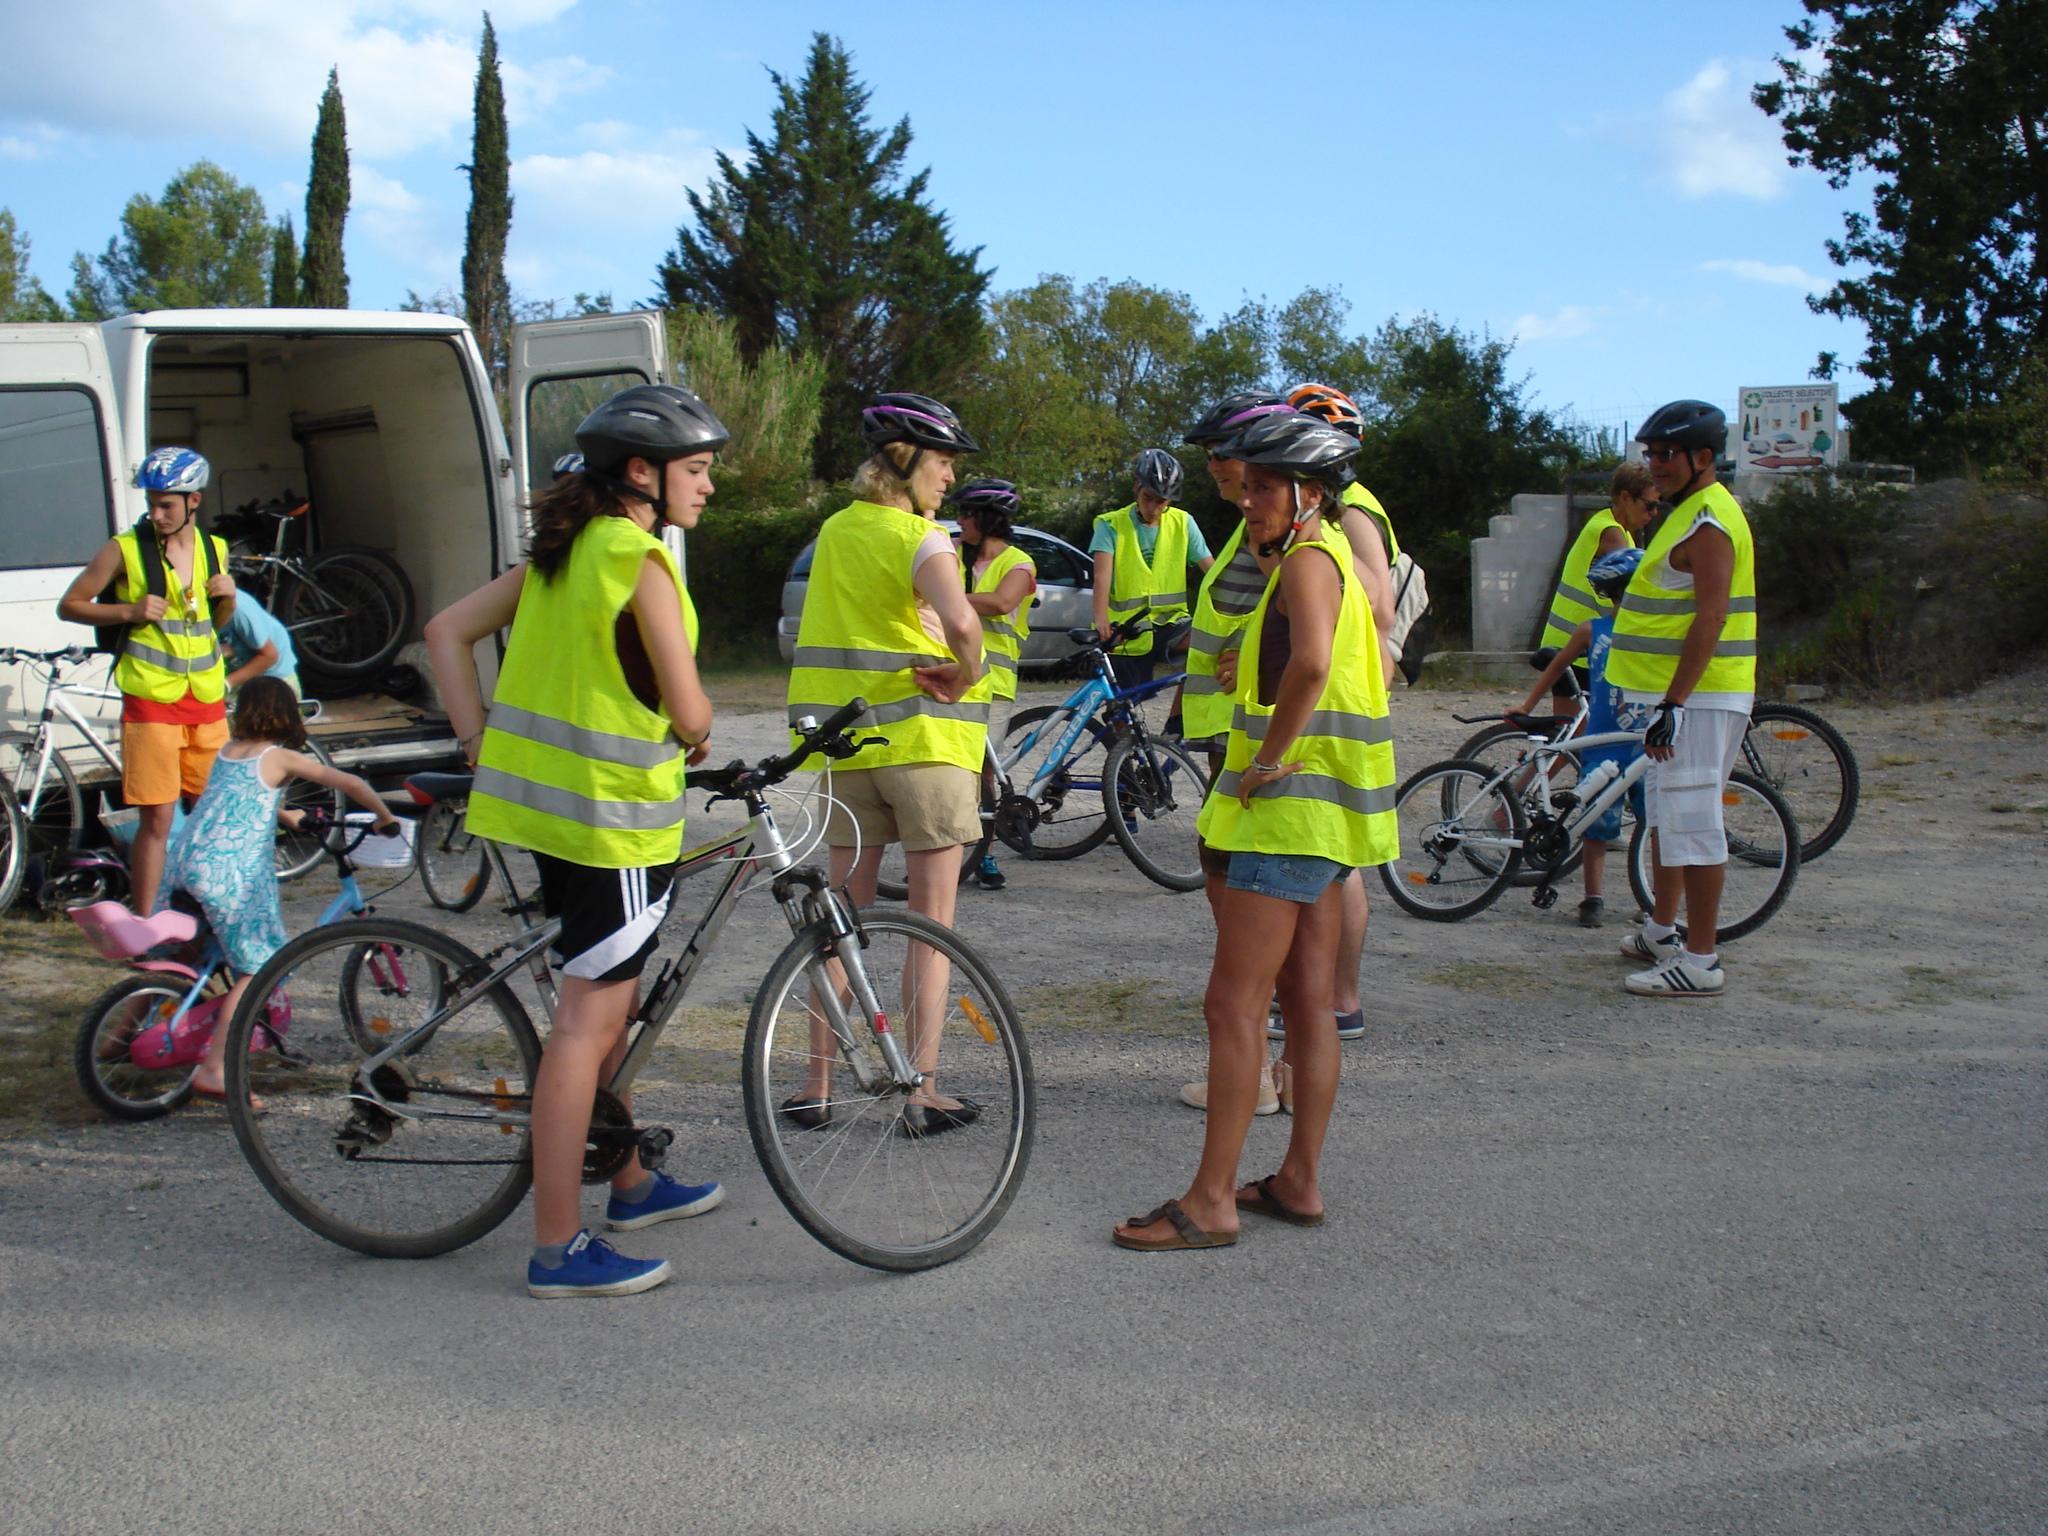 Ballade à vélo au Camping Le Garel.